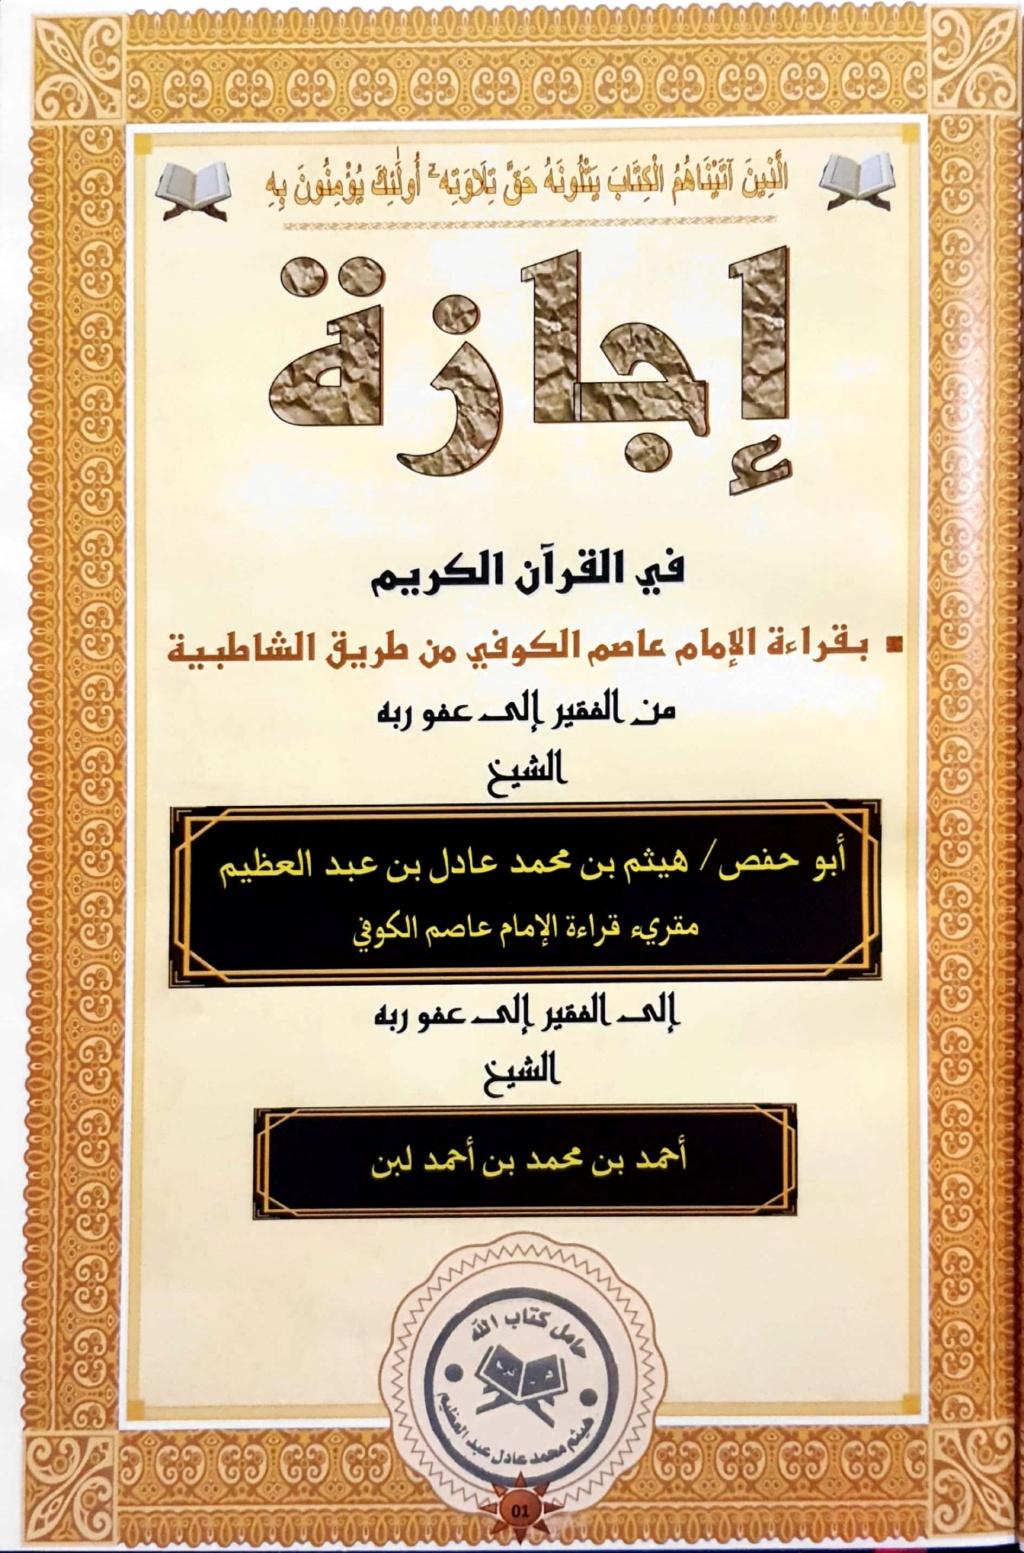 إجازة الشيخ أحمد محمد لبن بقراءة الإمام عاصم  Aeo_aa13